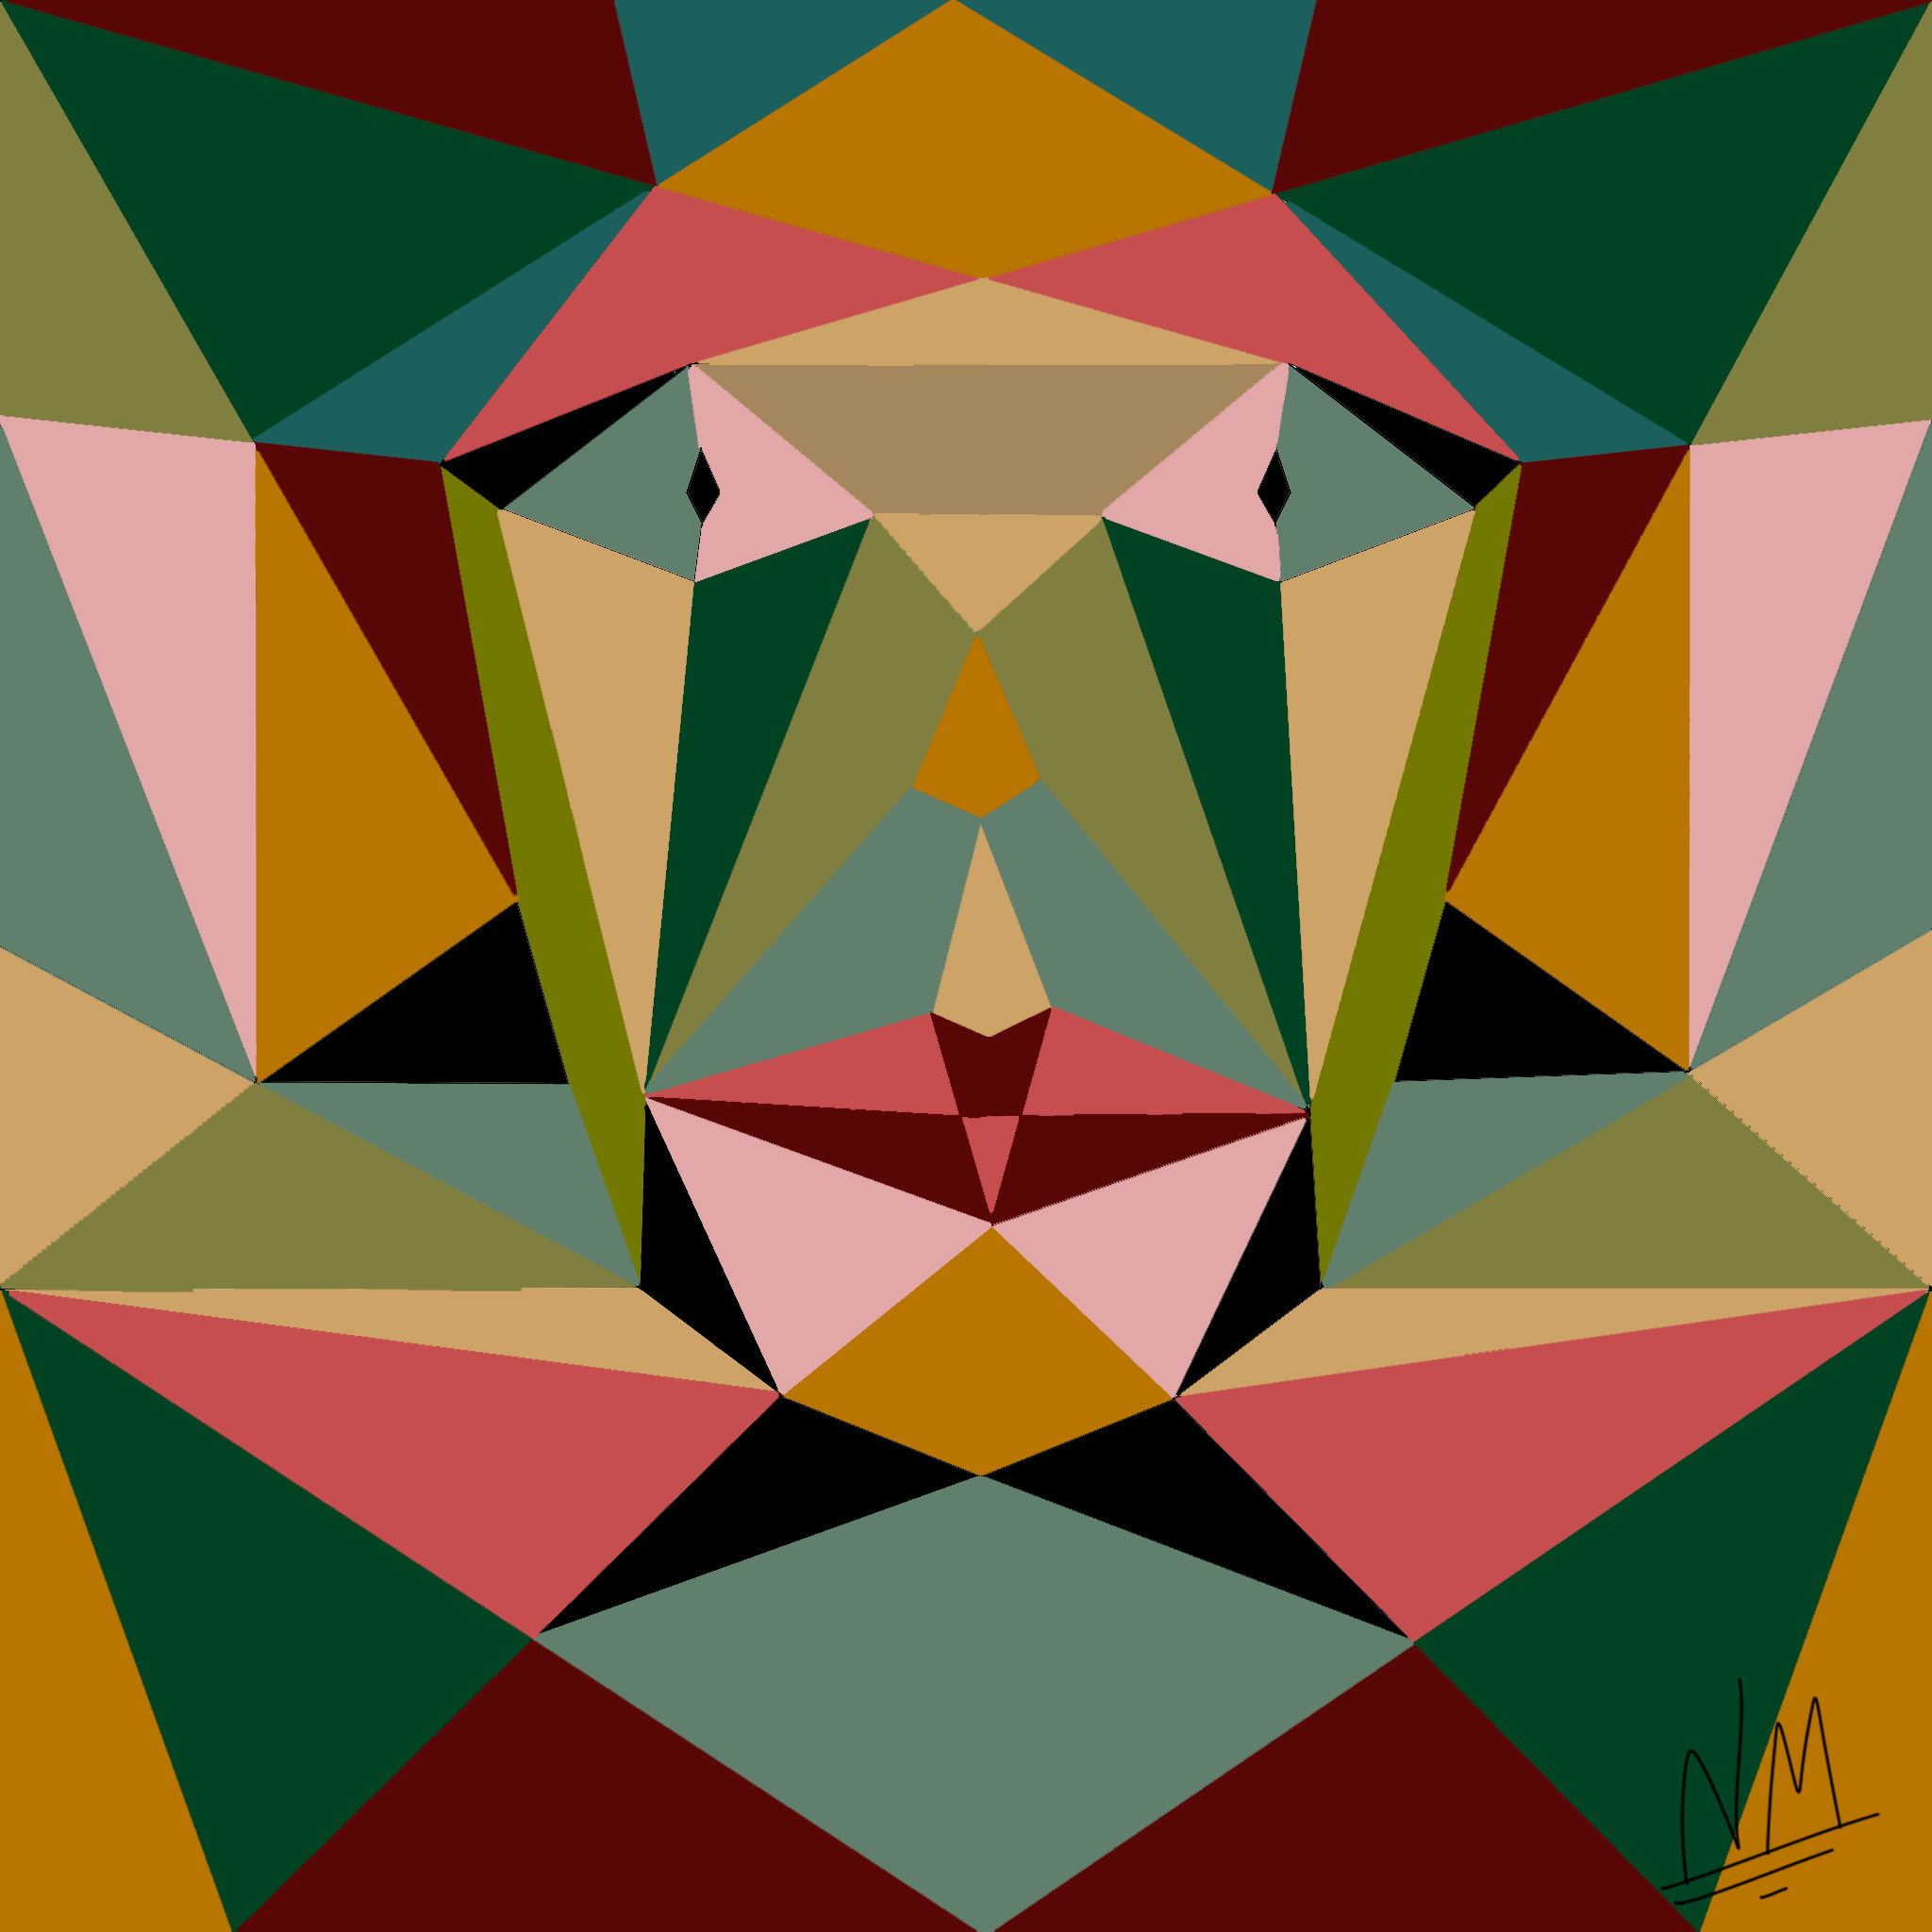 Symmetrical Tris